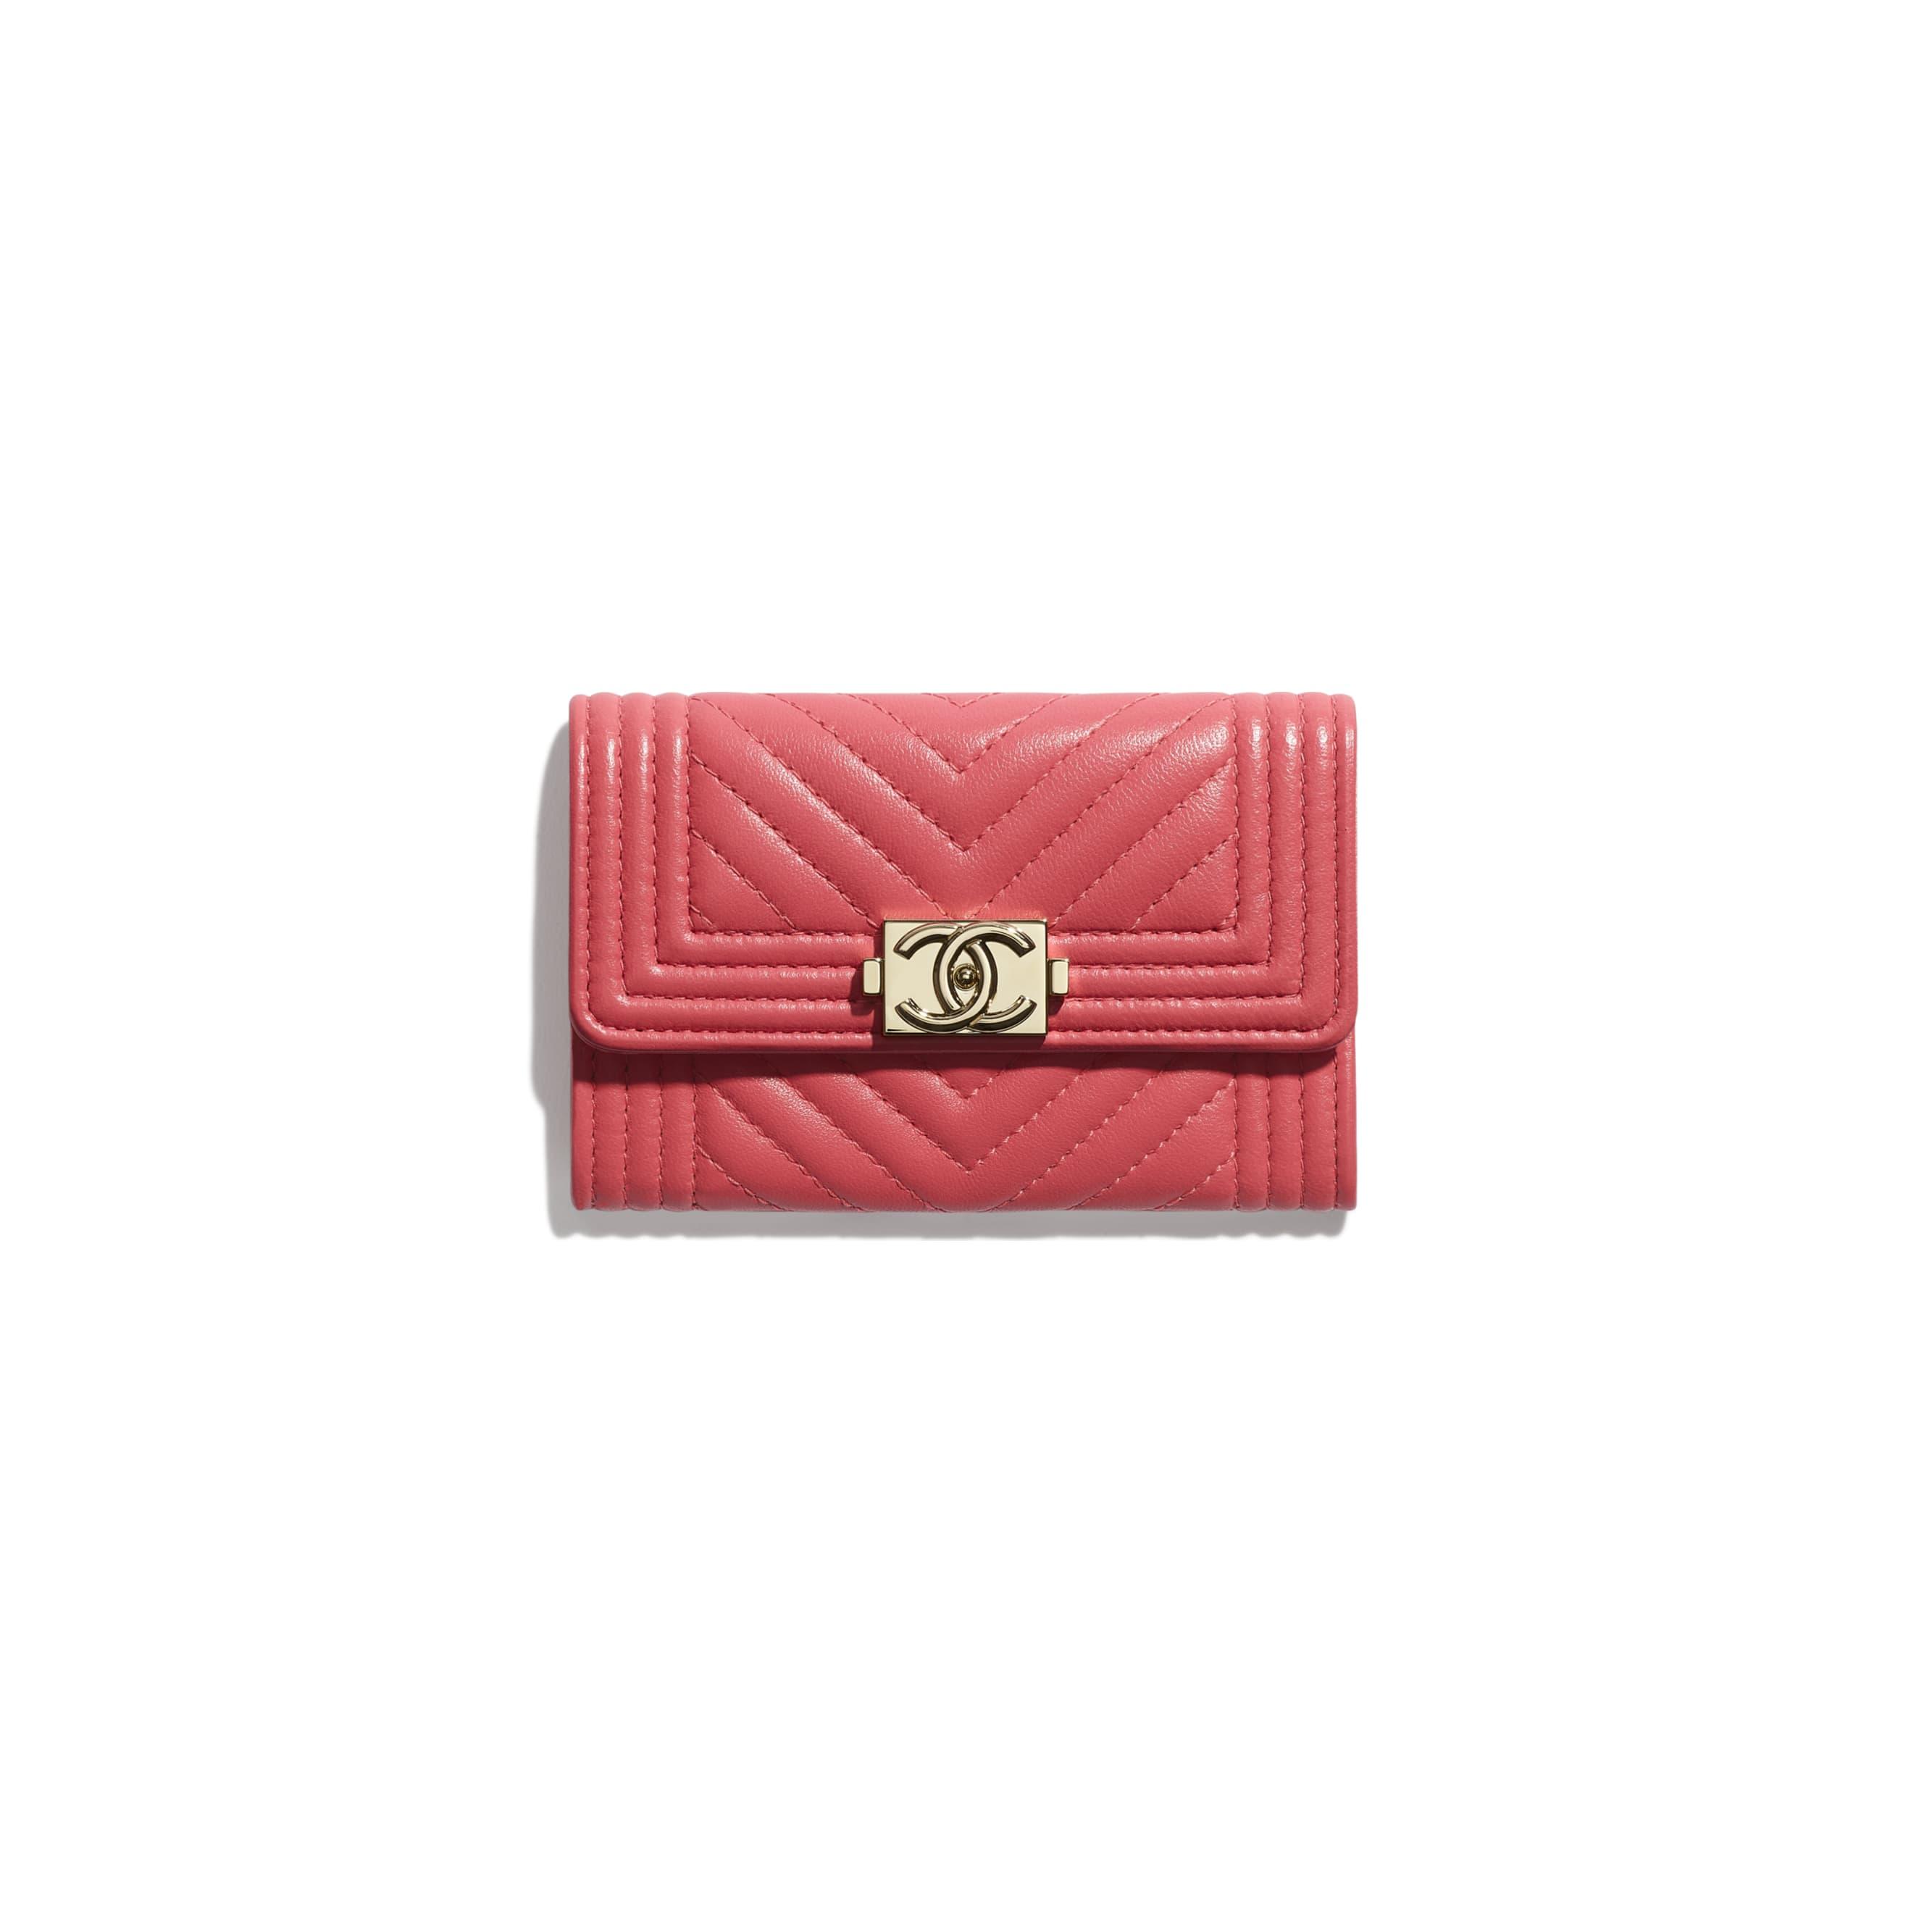 Porte-cartes à rabat BOY CHANEL - Rose - Agneau & métal doré - CHANEL - Vue par défaut - voir la version taille standard